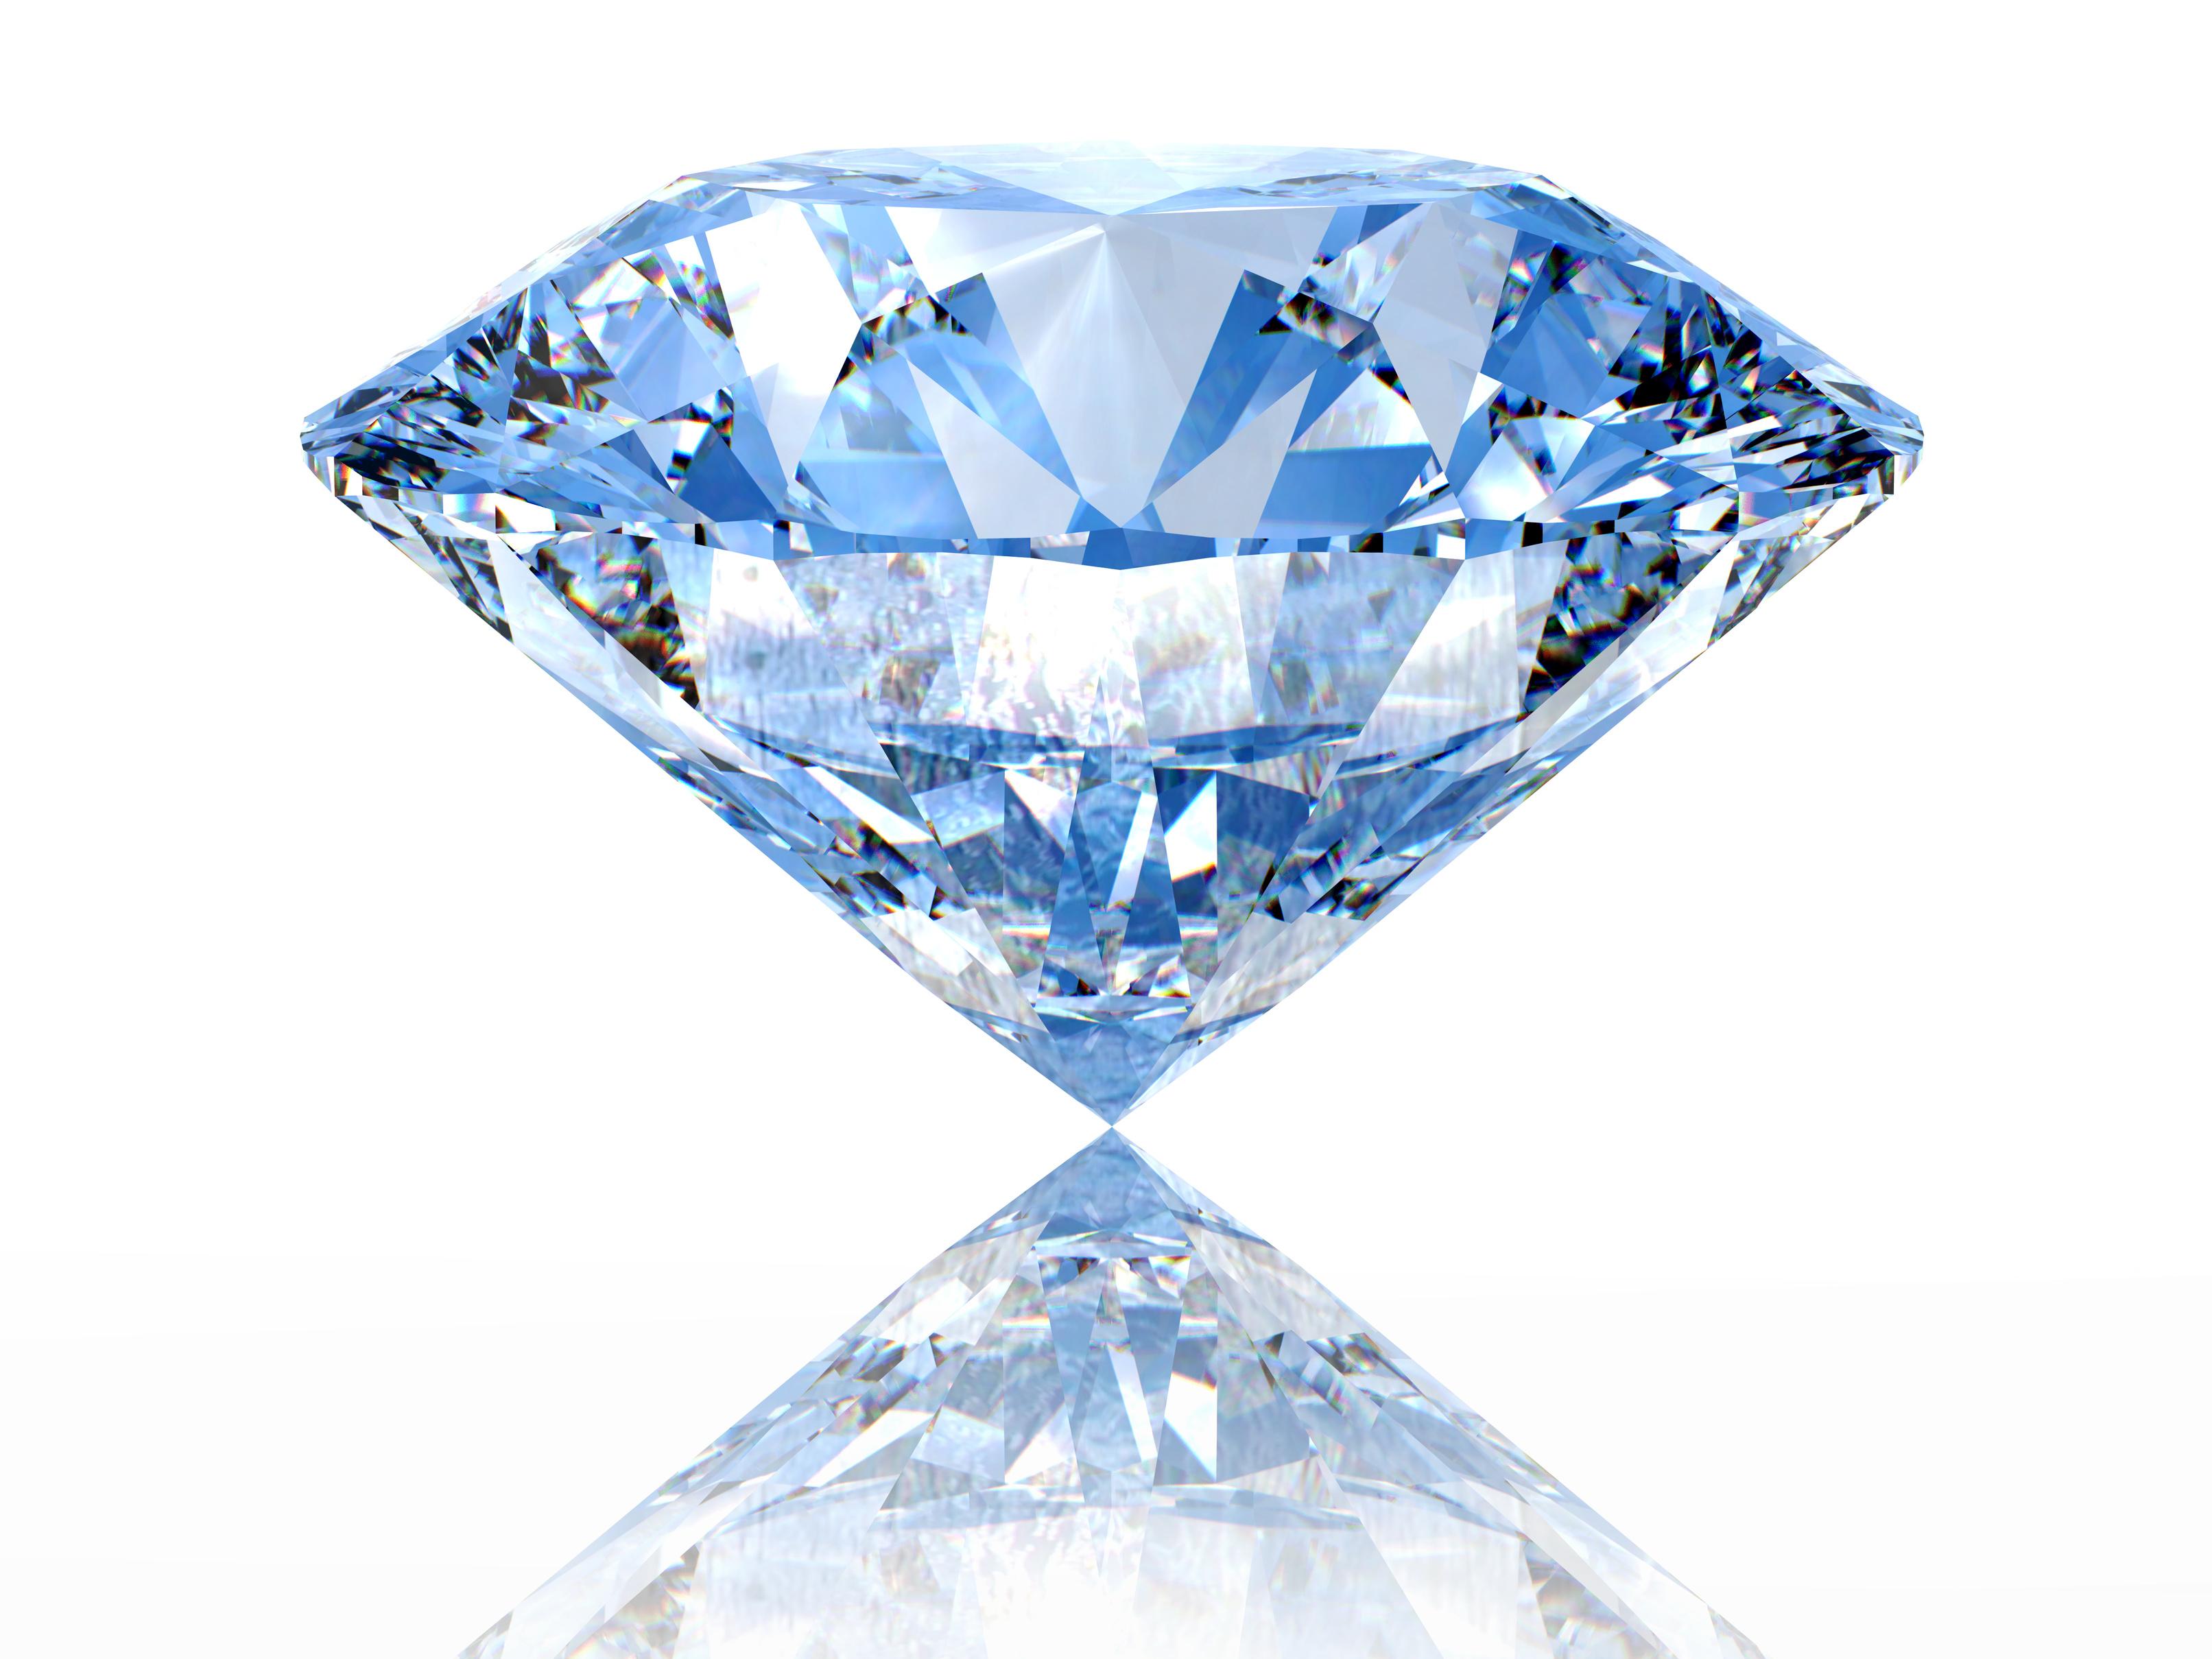 センスは磨くとダイヤのように光ります。